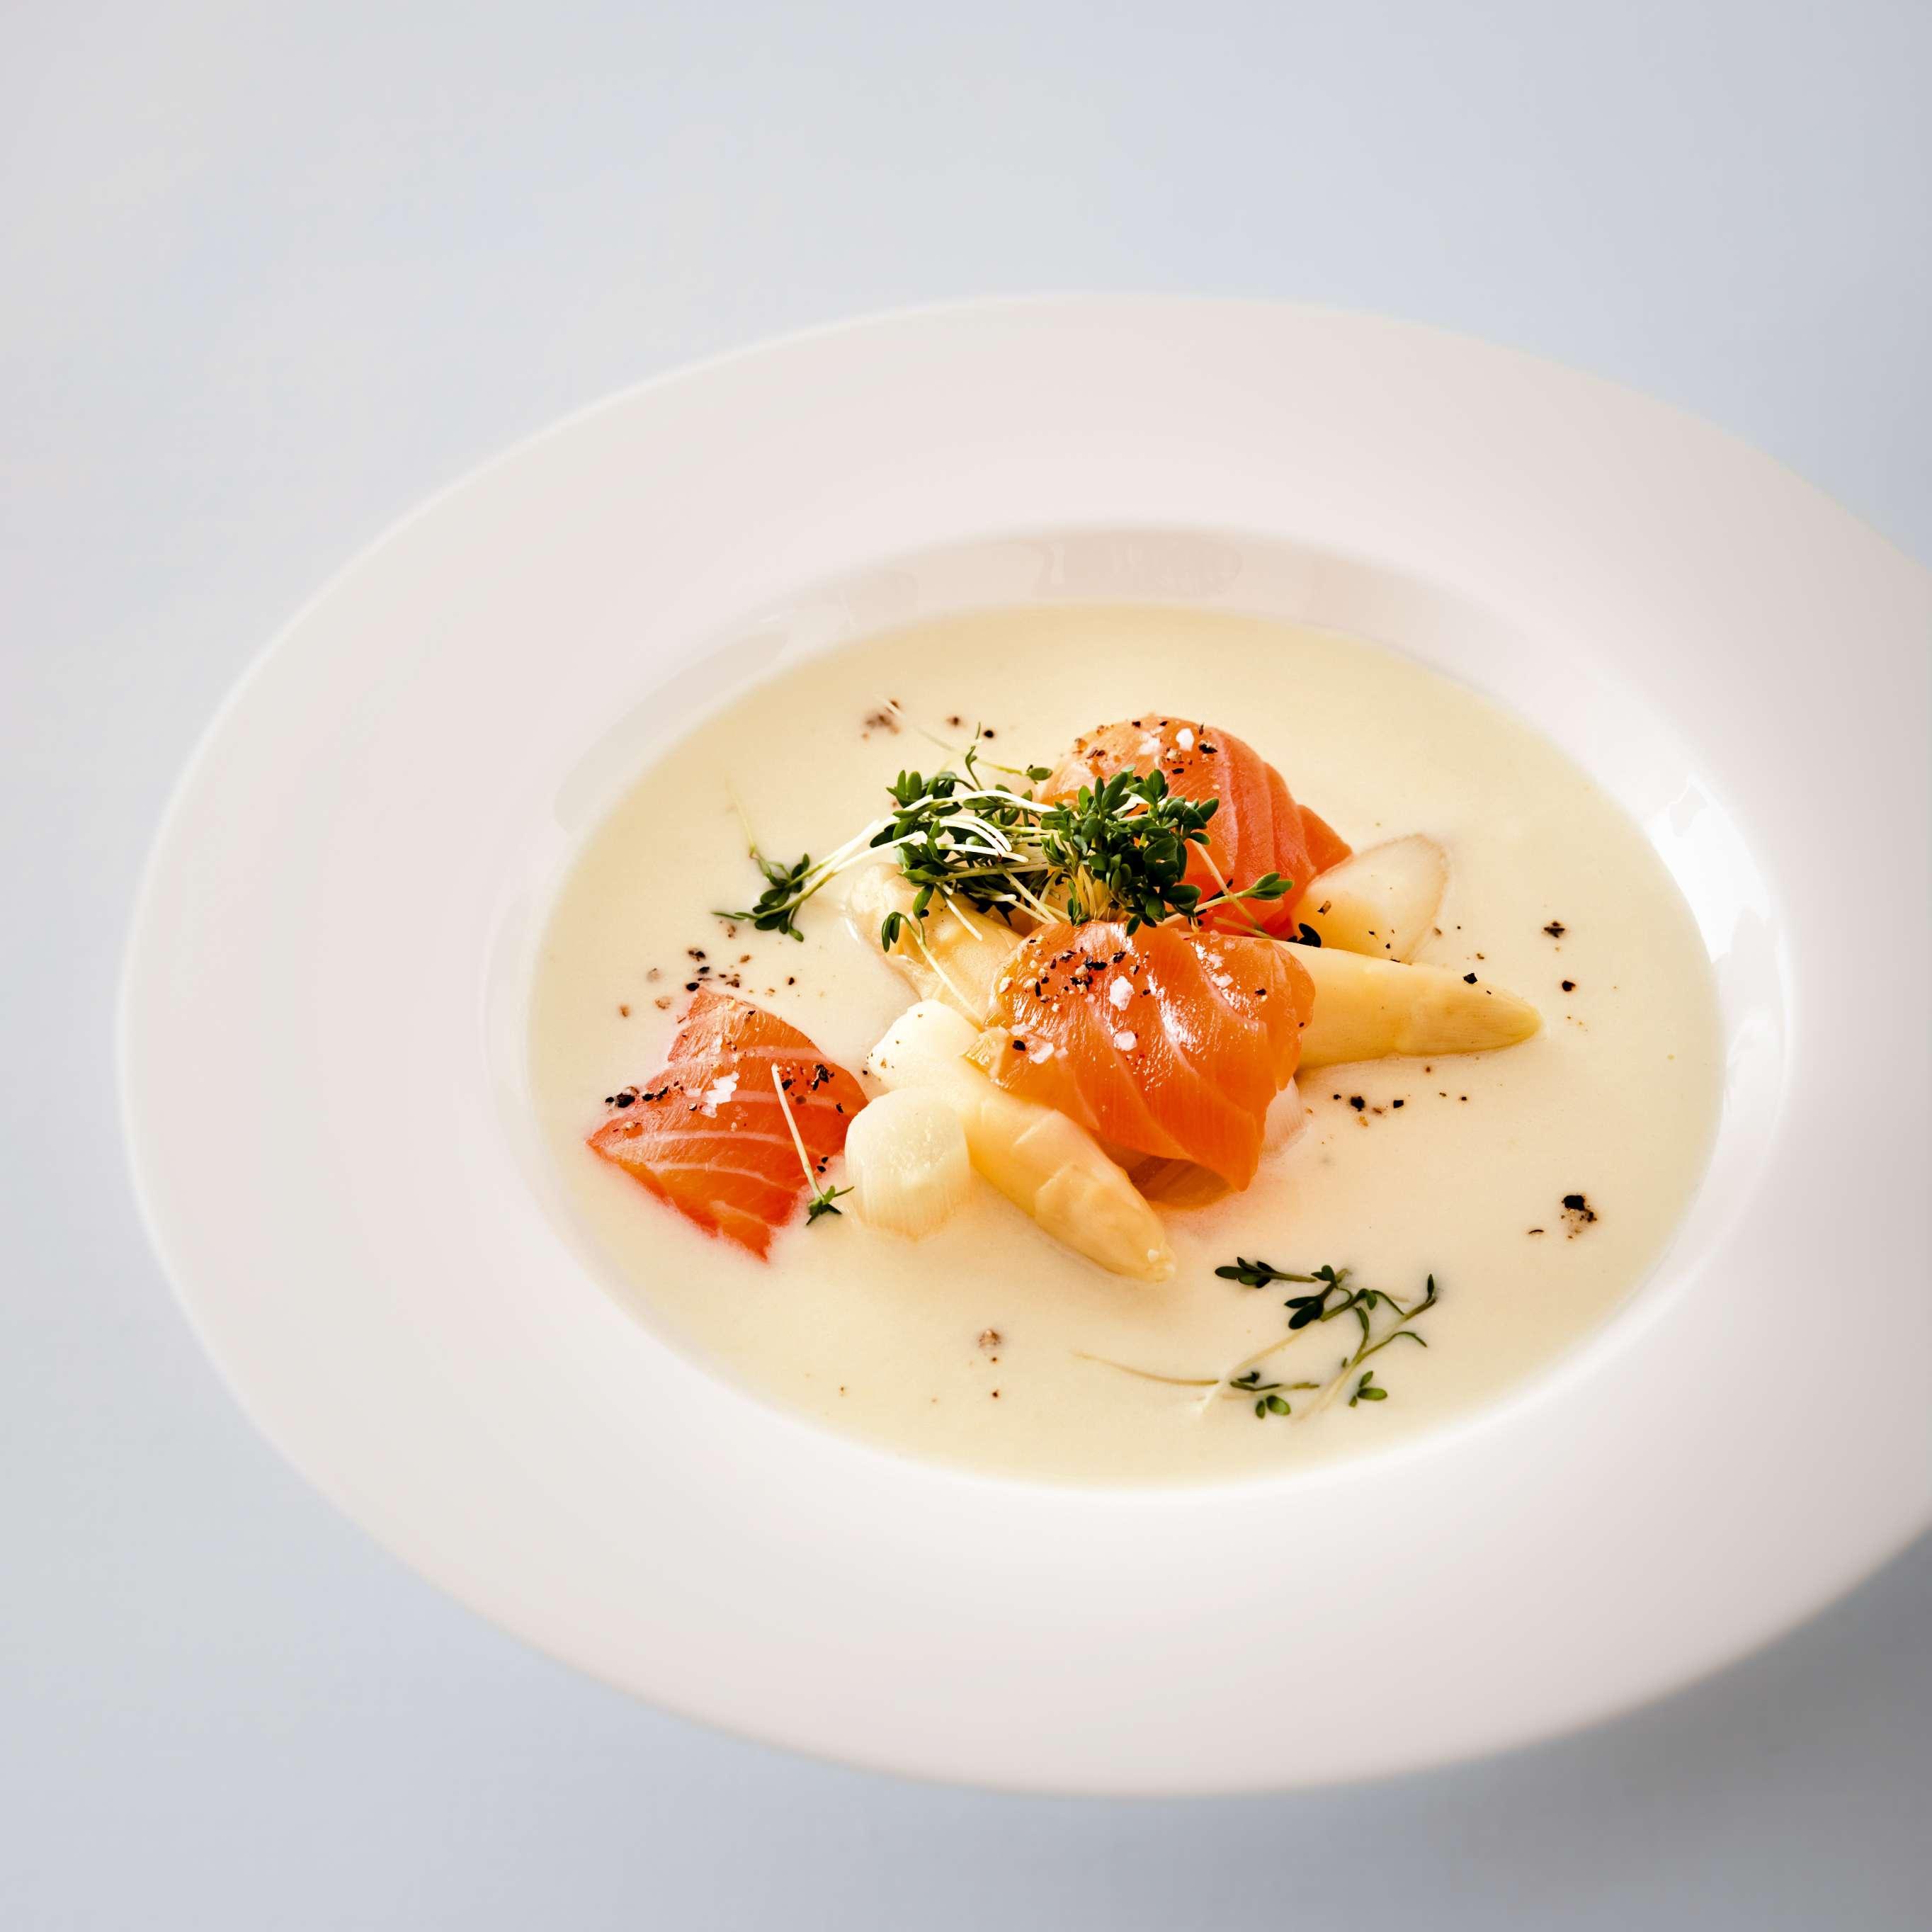 Schnelle Spargelsuppe mit Lachs-Sashimi